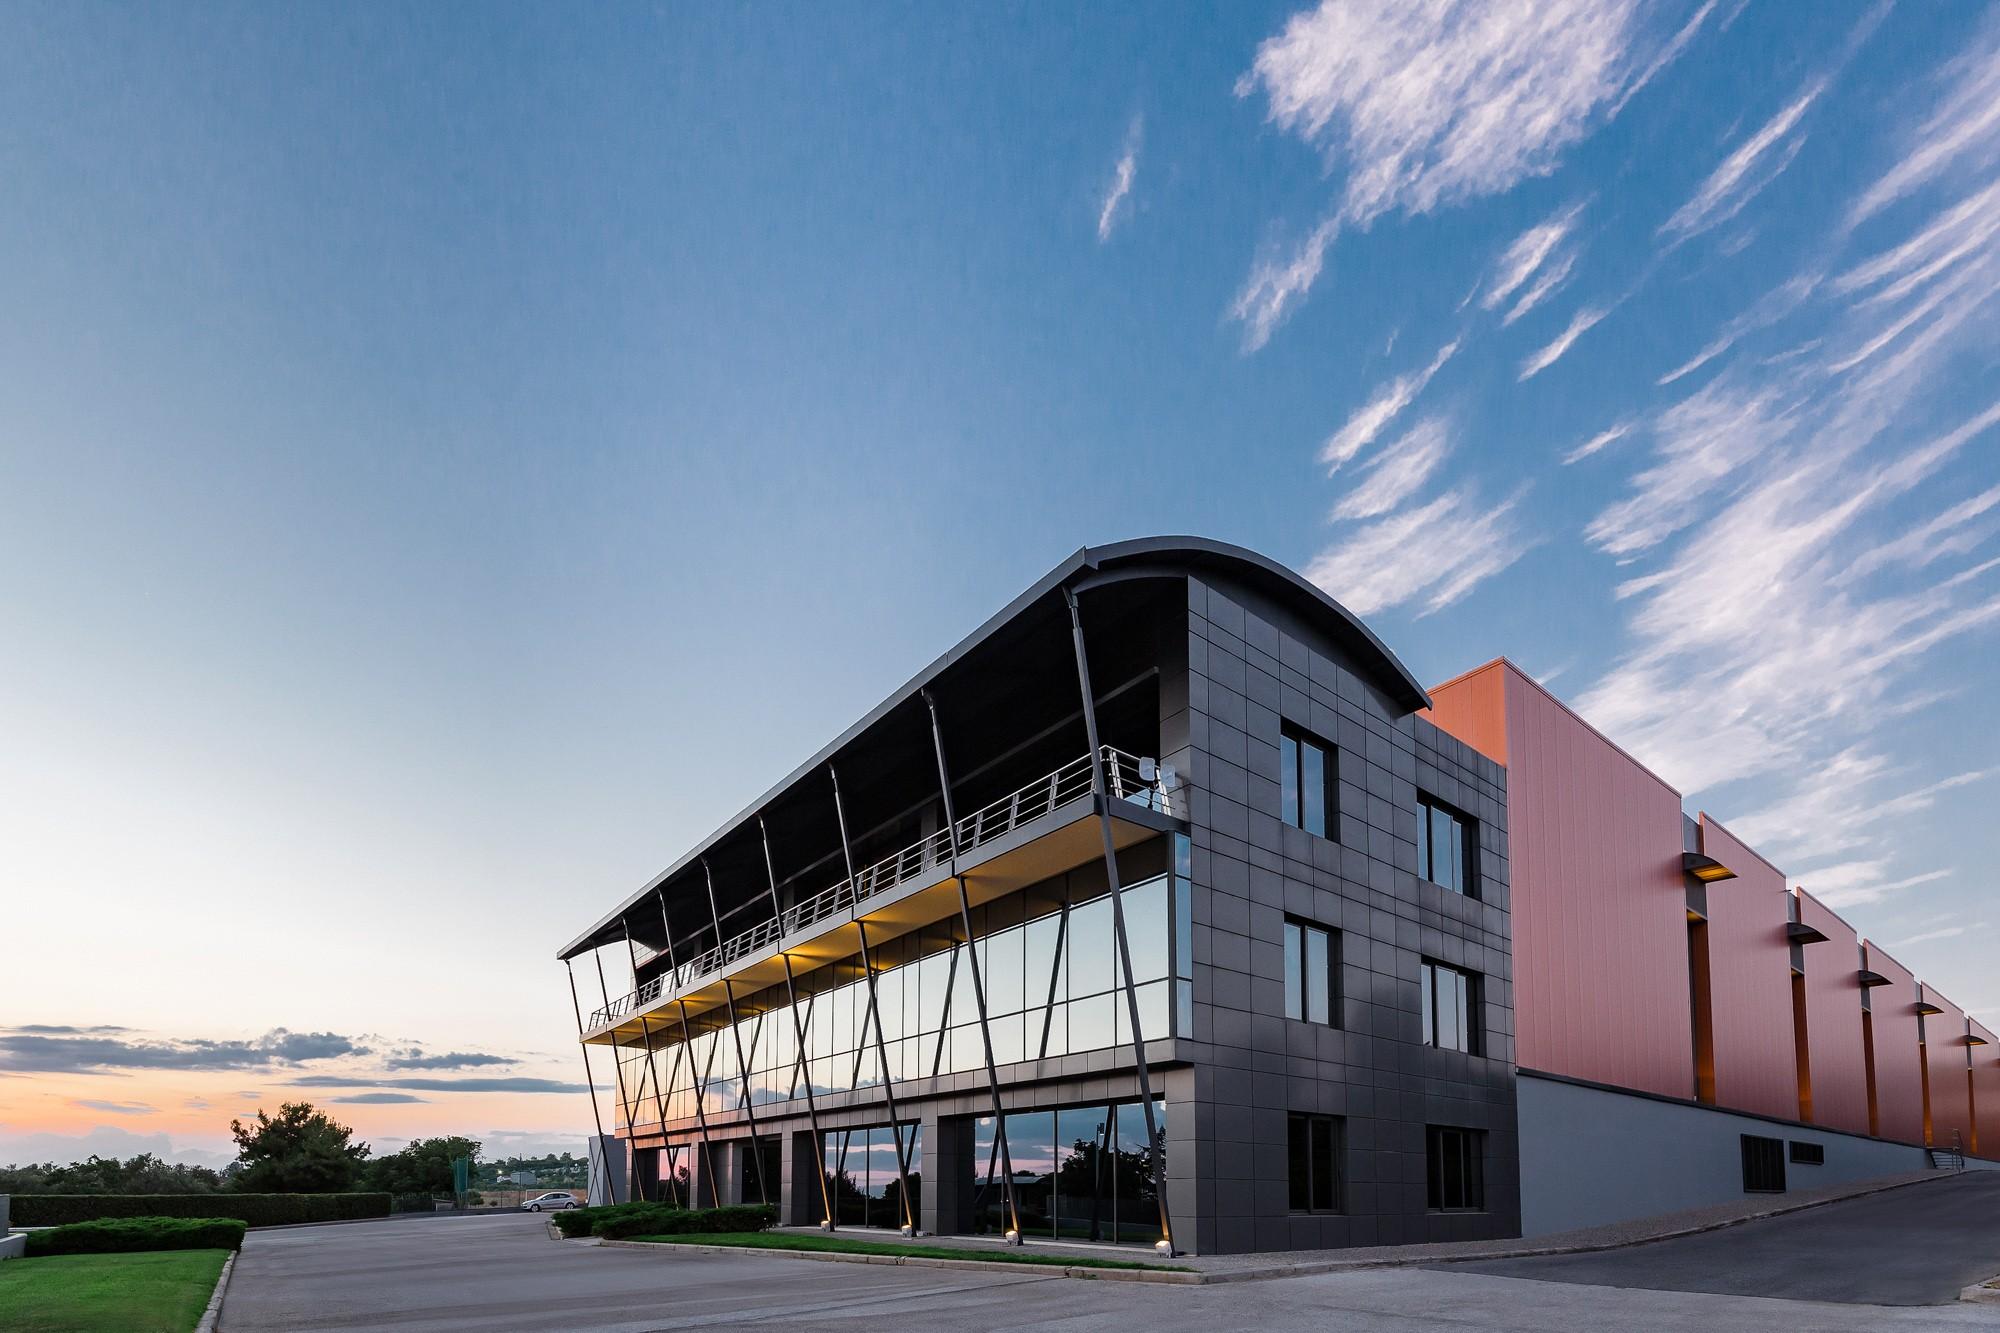 Liafarm Α.Ε. Φαρμακαποθήκη | Φωτογράφιση Φαρμακαποθήκης, εργοστασίων, βιομηχανικών και βιοτεχνικών εγκαταστάσεων Θεσσαλονίκη